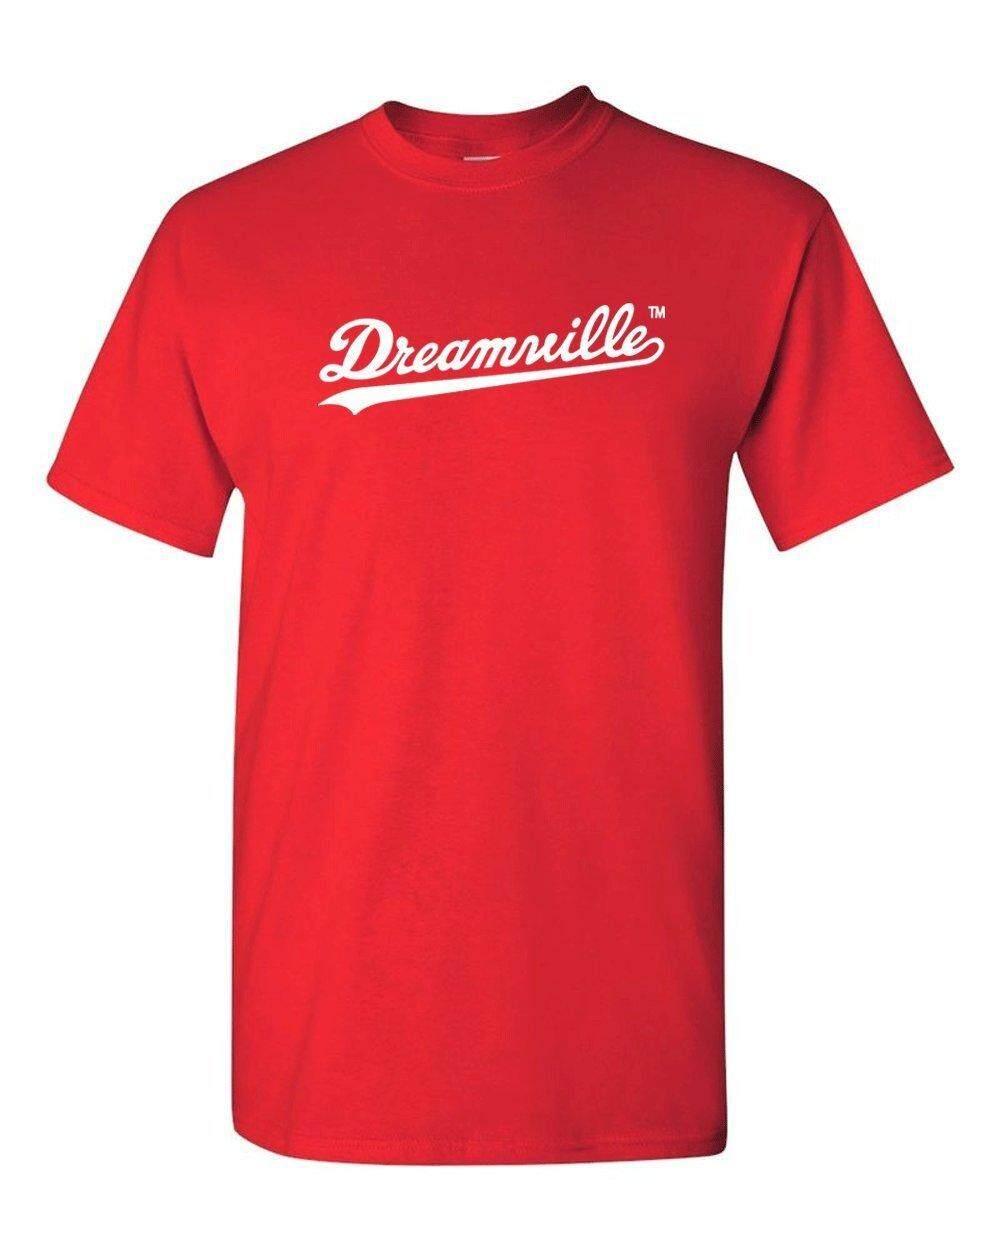 Daftar Harga T Shirt Cole Termurah Terbaru November 2018 3 Baju Pria Crocodile Men Polo Slim Fit Katun Army M J Dreamville 4 Anda Eyez Hanya Tur Rap Hip Hop